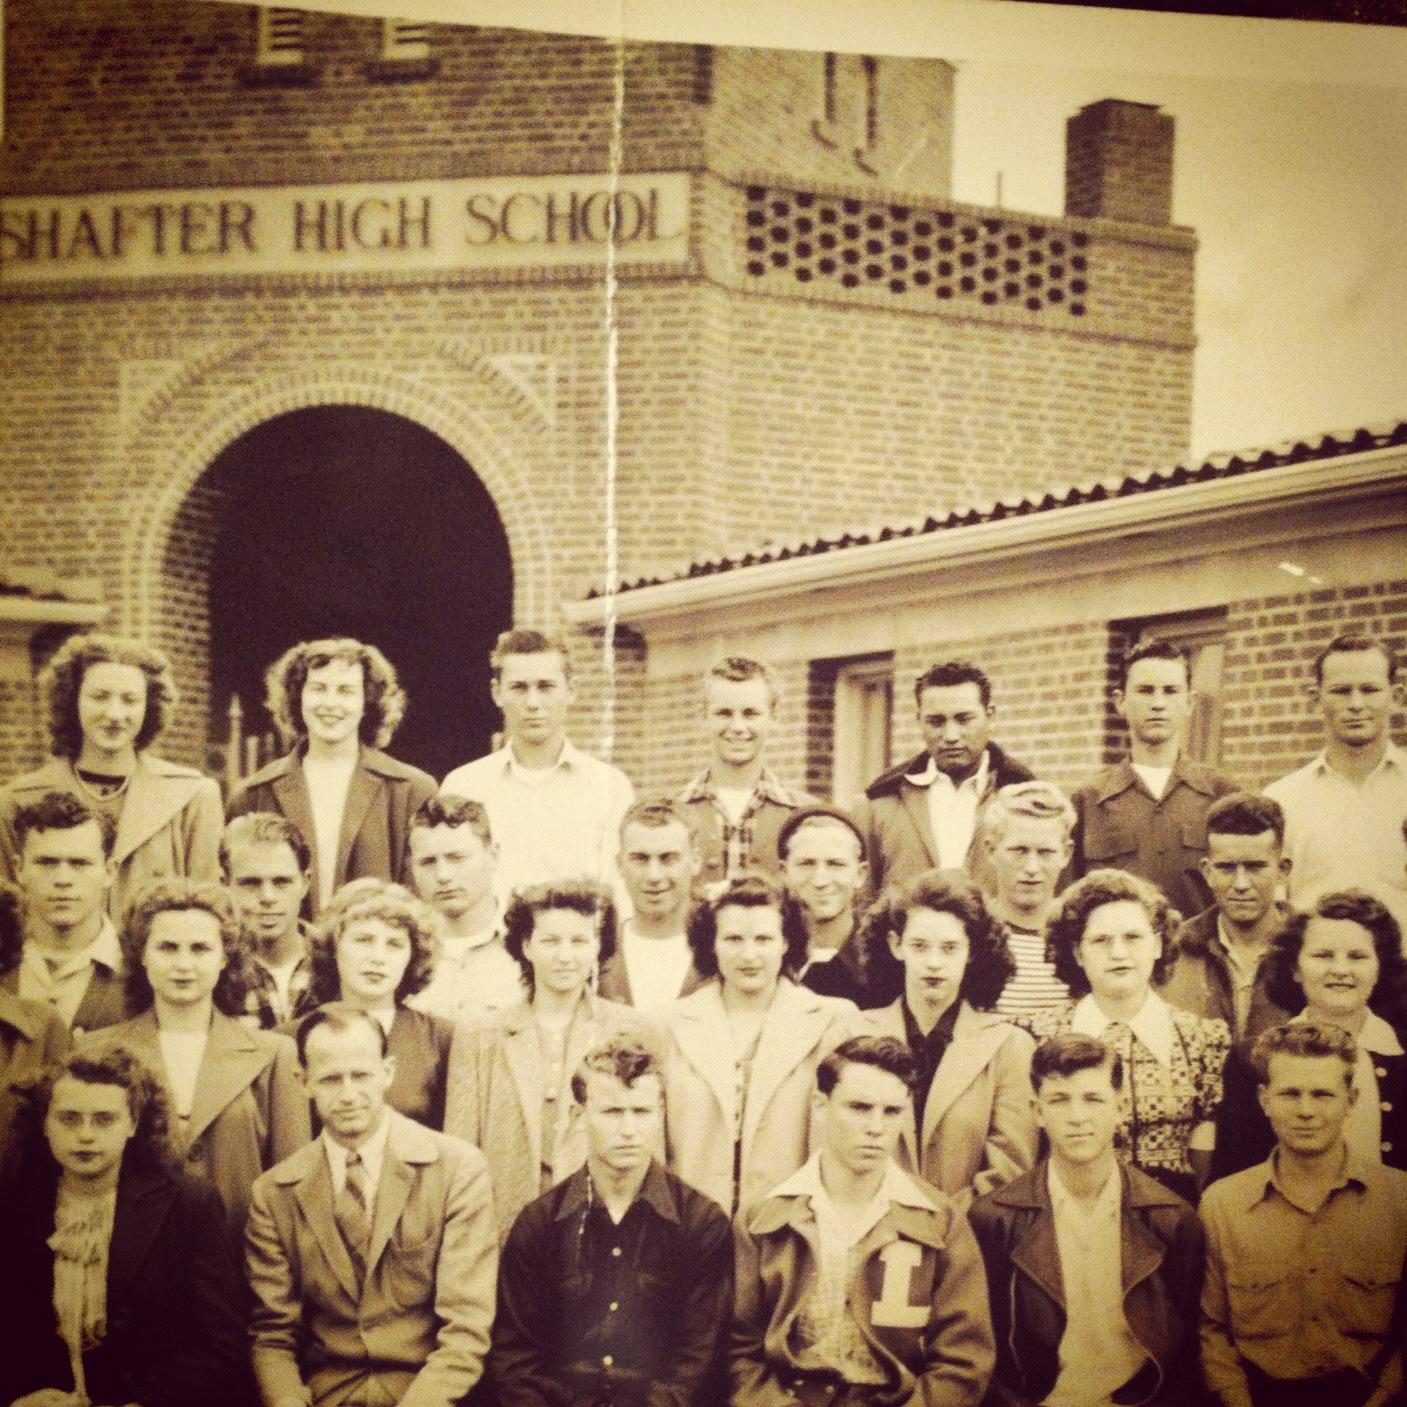 Class of '48, Shafter High School